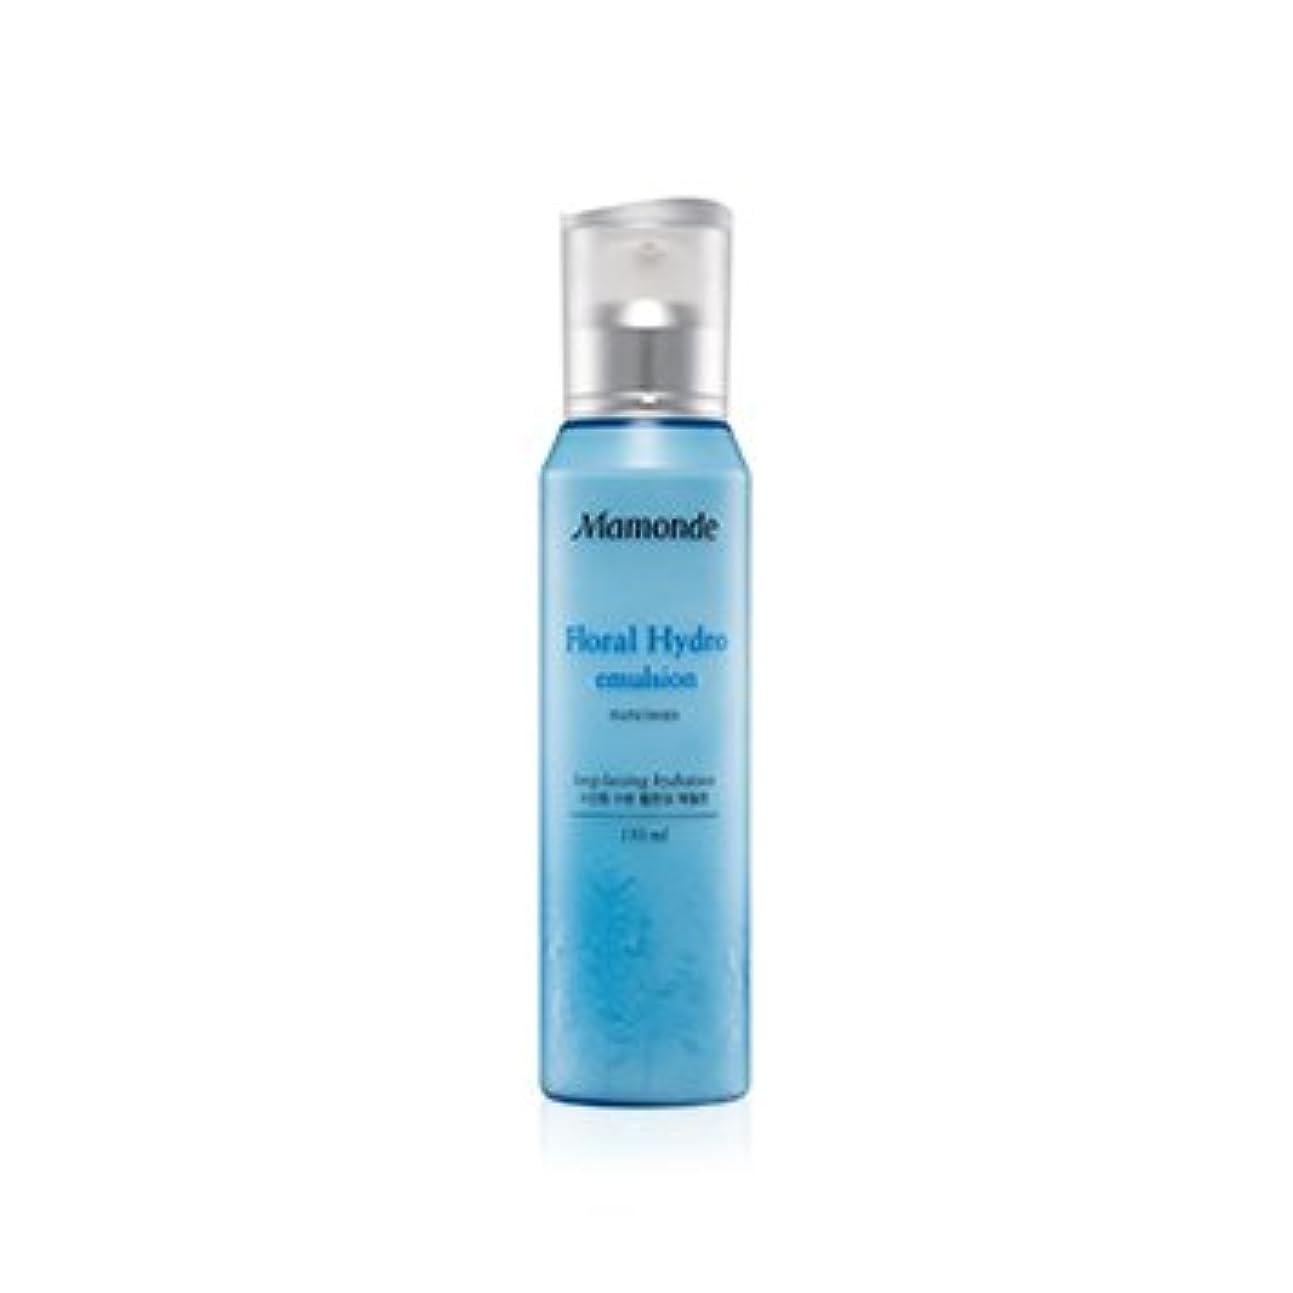 成長ほとんどない判決[2017 New] Mamonde Floral Hydro Emulsion 150ml/マモンド フローラル ハイドロ エマルジョン 150ml [並行輸入品]